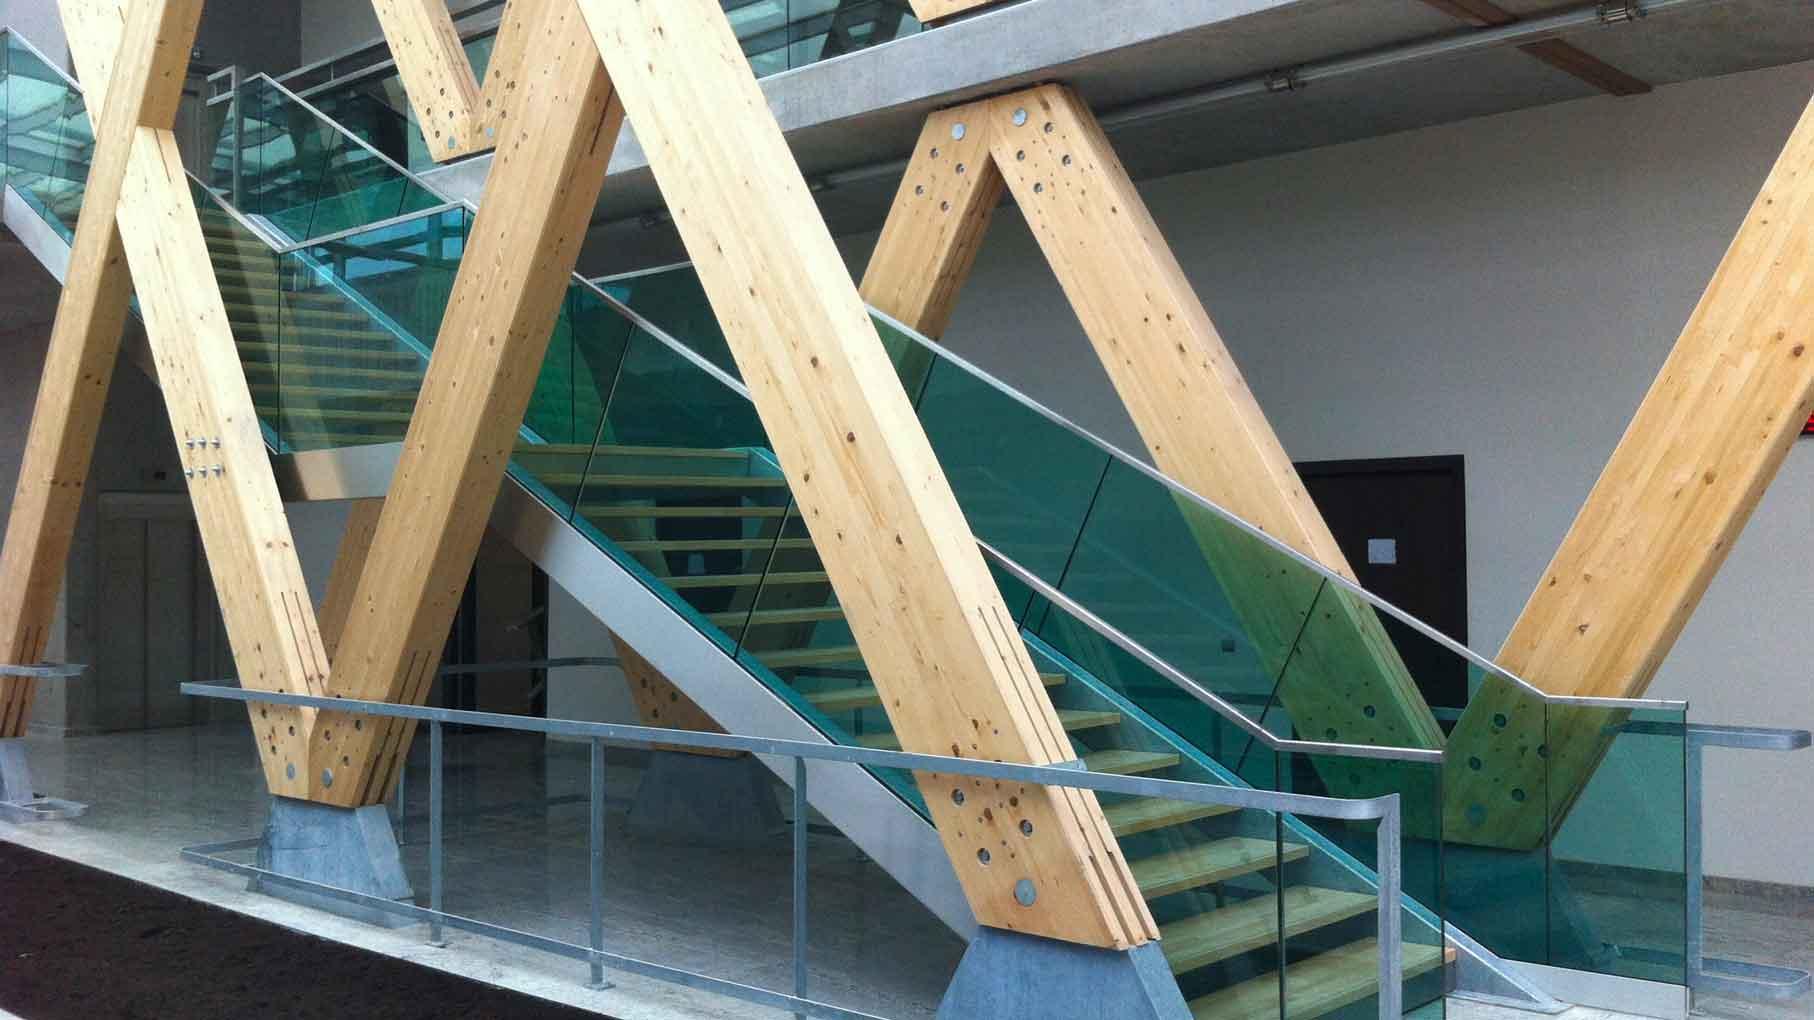 escalier école d'ingénieur Strasbourg